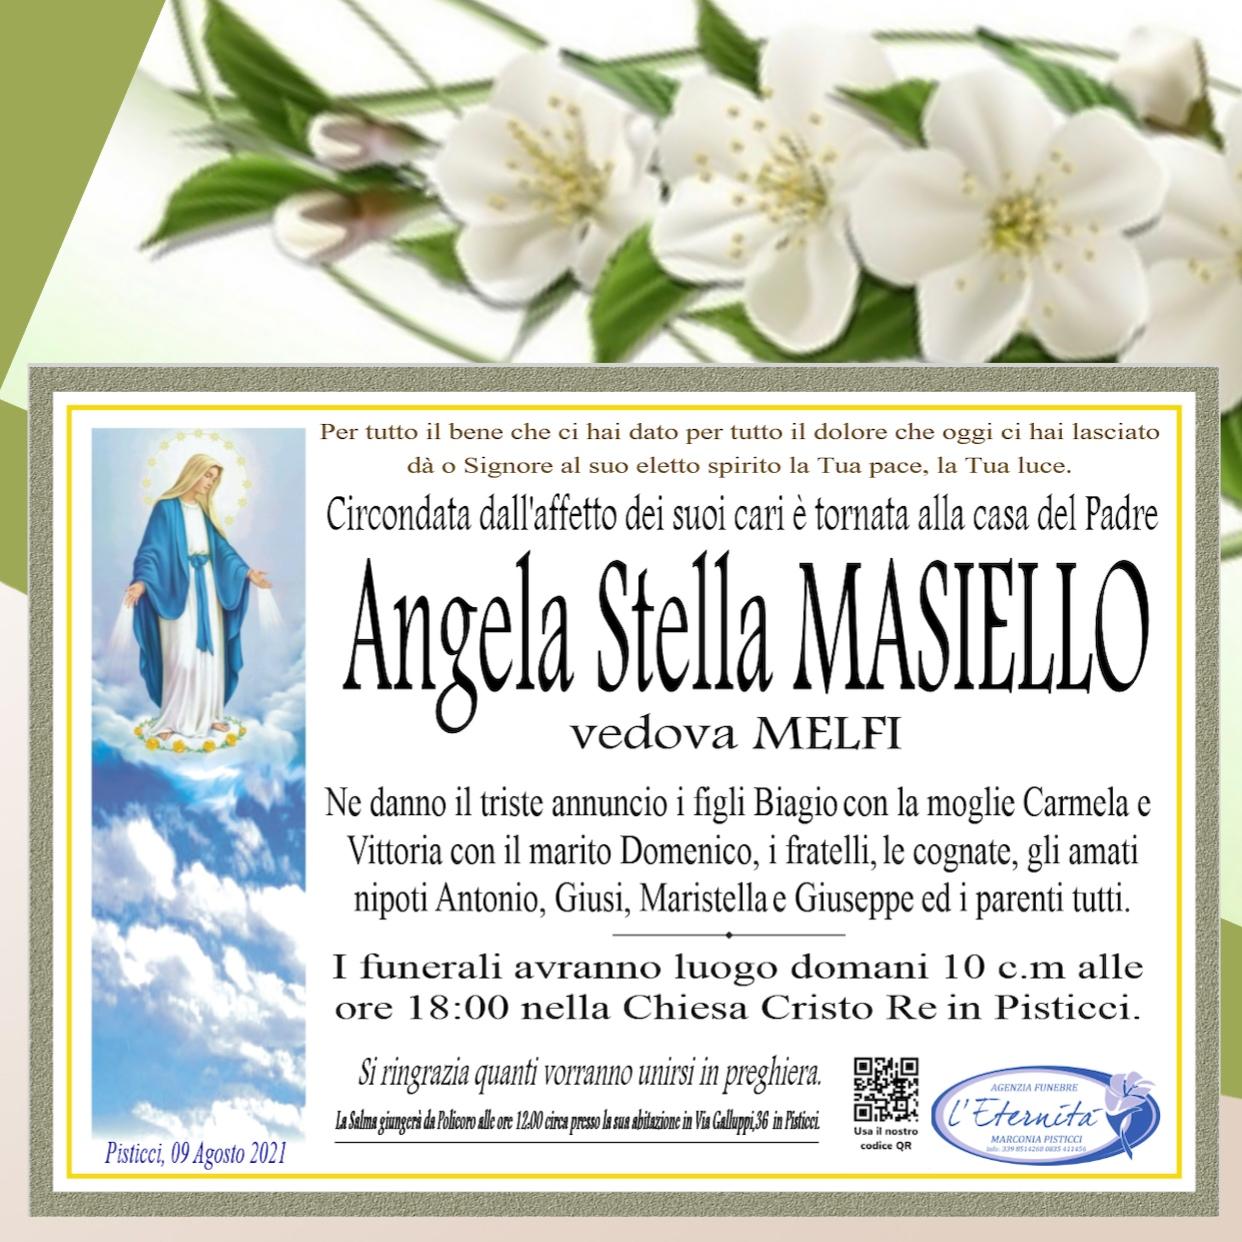 Angela Stella MASIELLO